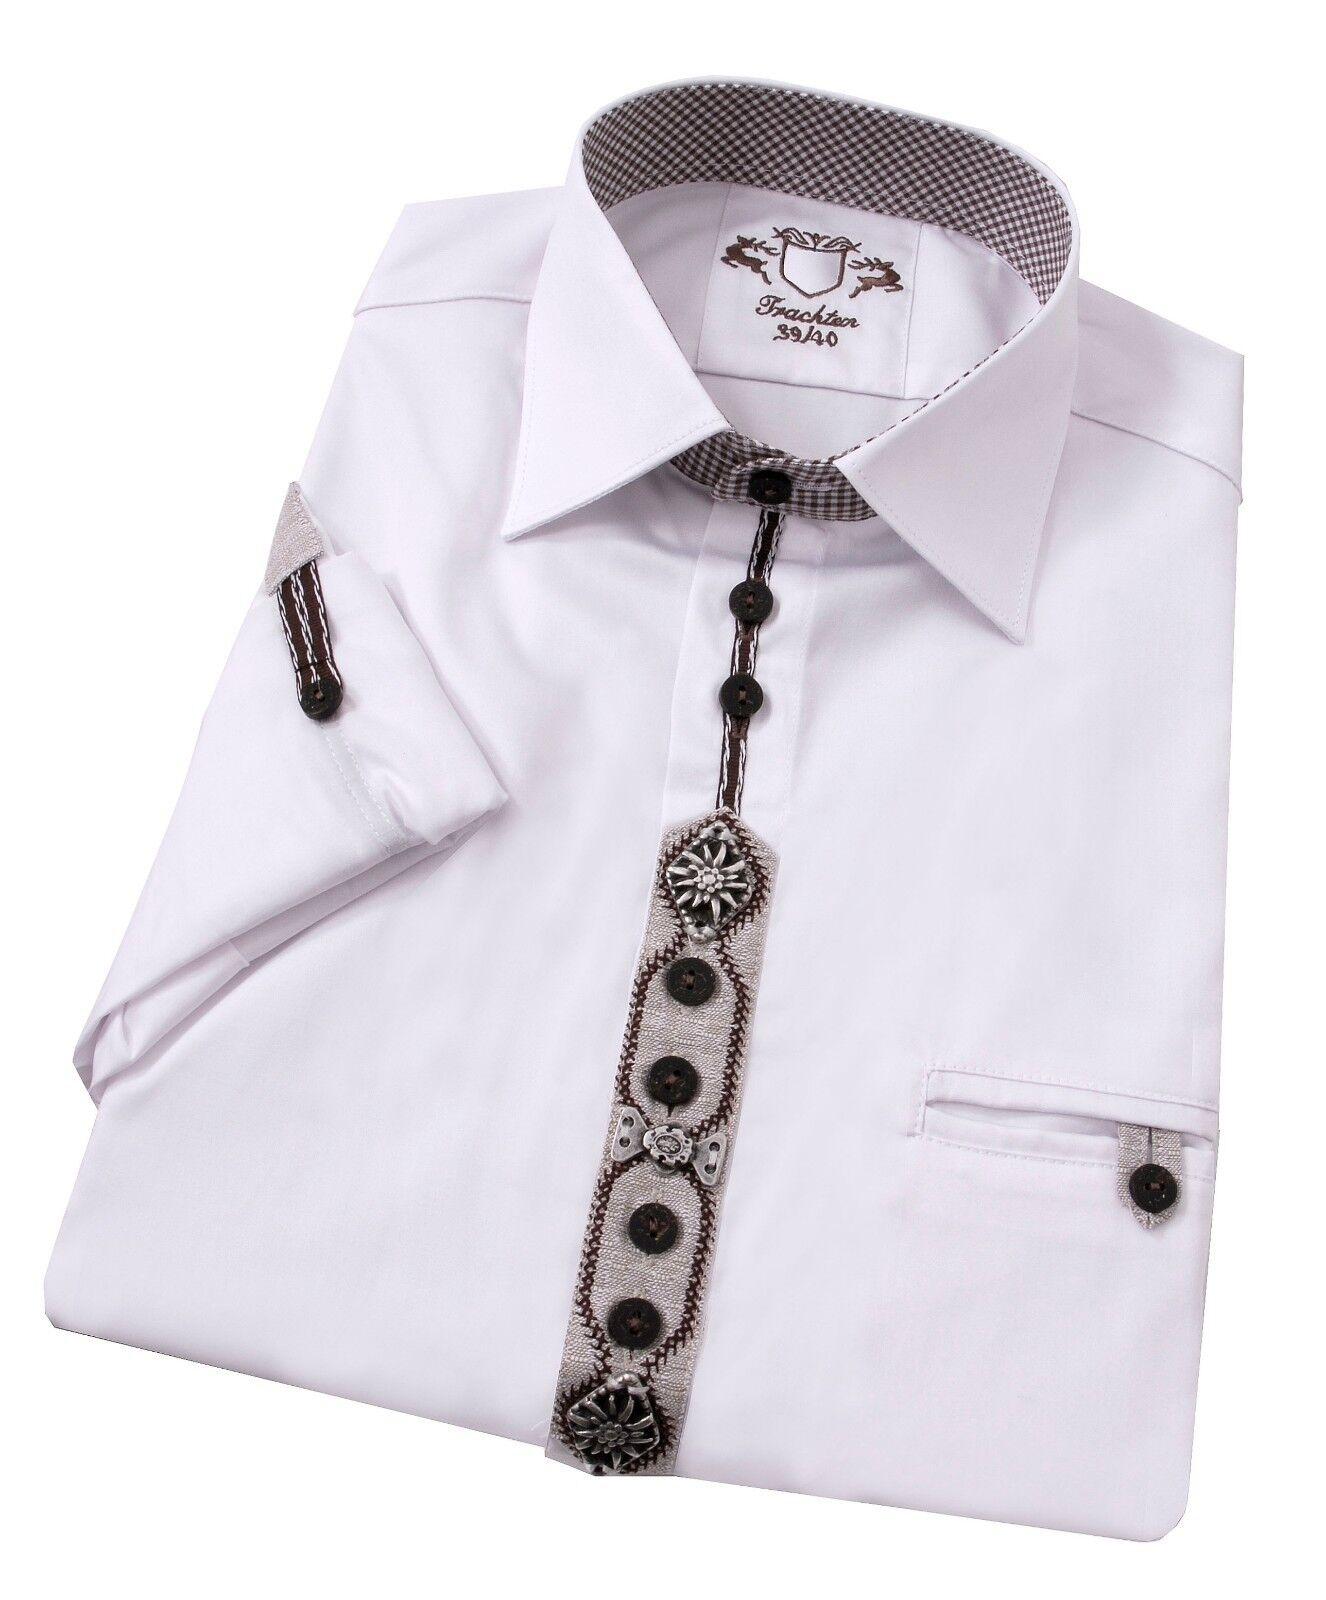 Trachtenhemd Herrenhemd Herren Langarm Kurzarm Komfort Reine Baumwolle Weiß